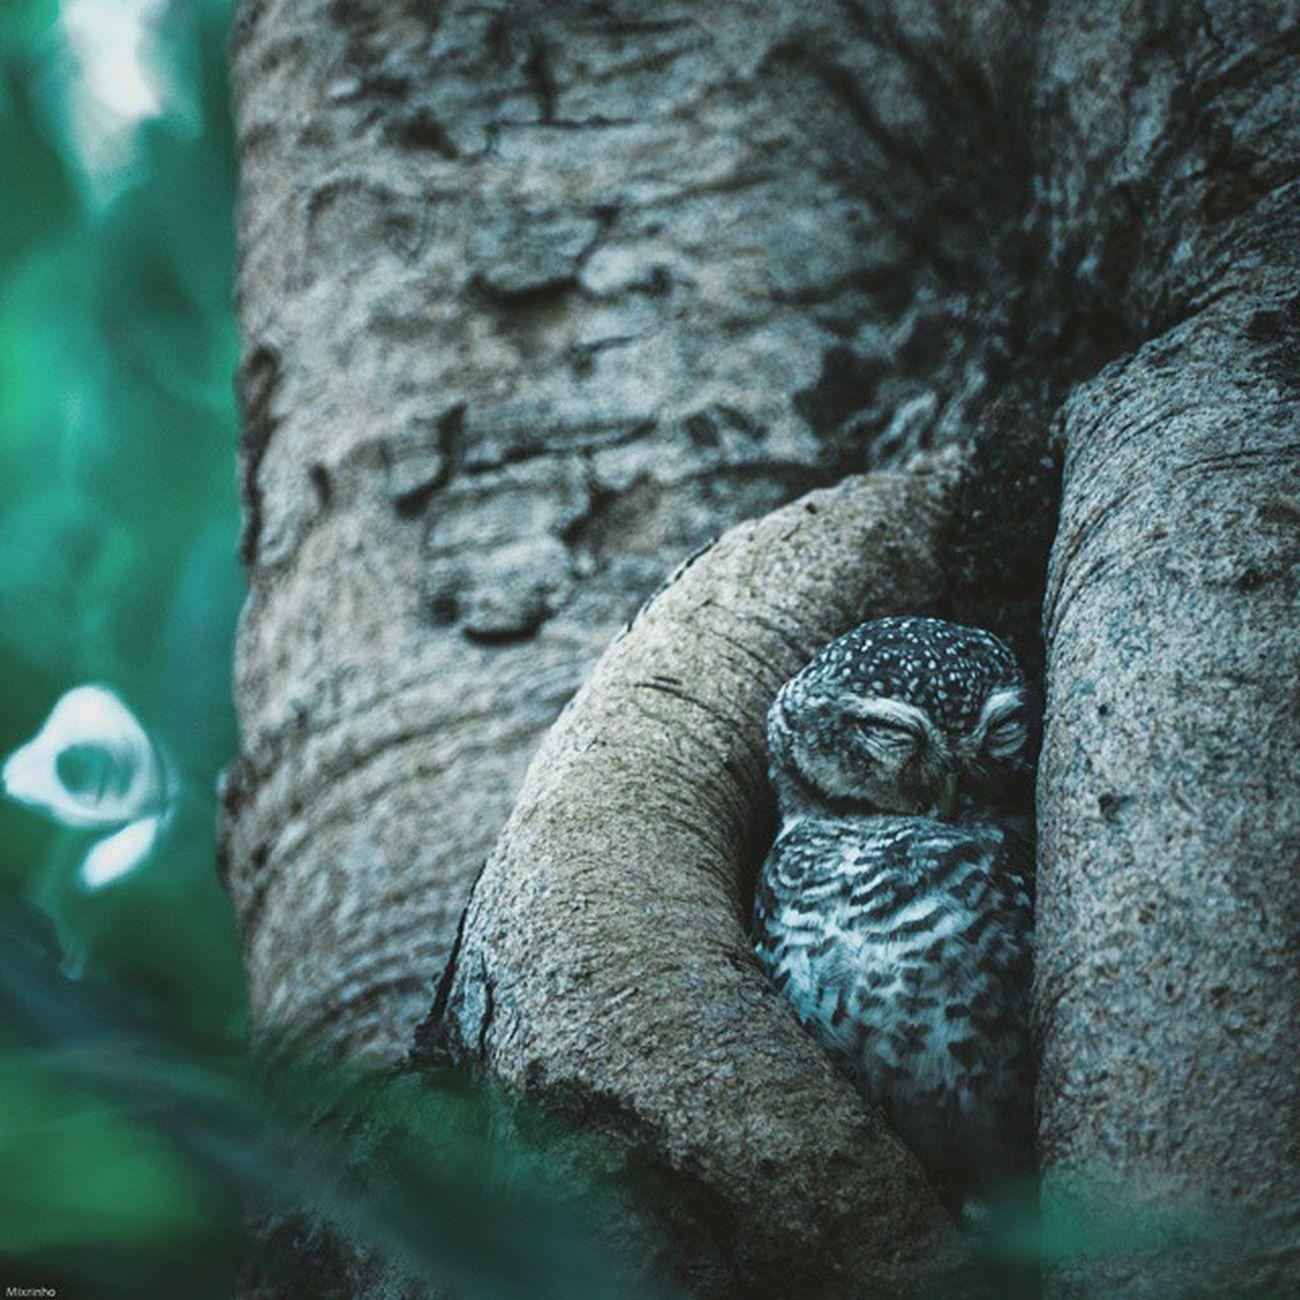 Take some rest Vscocam Owl Bird Thailand Rest Amzthld Igersth Wildlifephotography Wild Wildlife Nikonnofilter Nikon 500mm Photooftheday Instagood Cute World_bestshot Wow_animal Wildlifeplate Wildlife_perfection